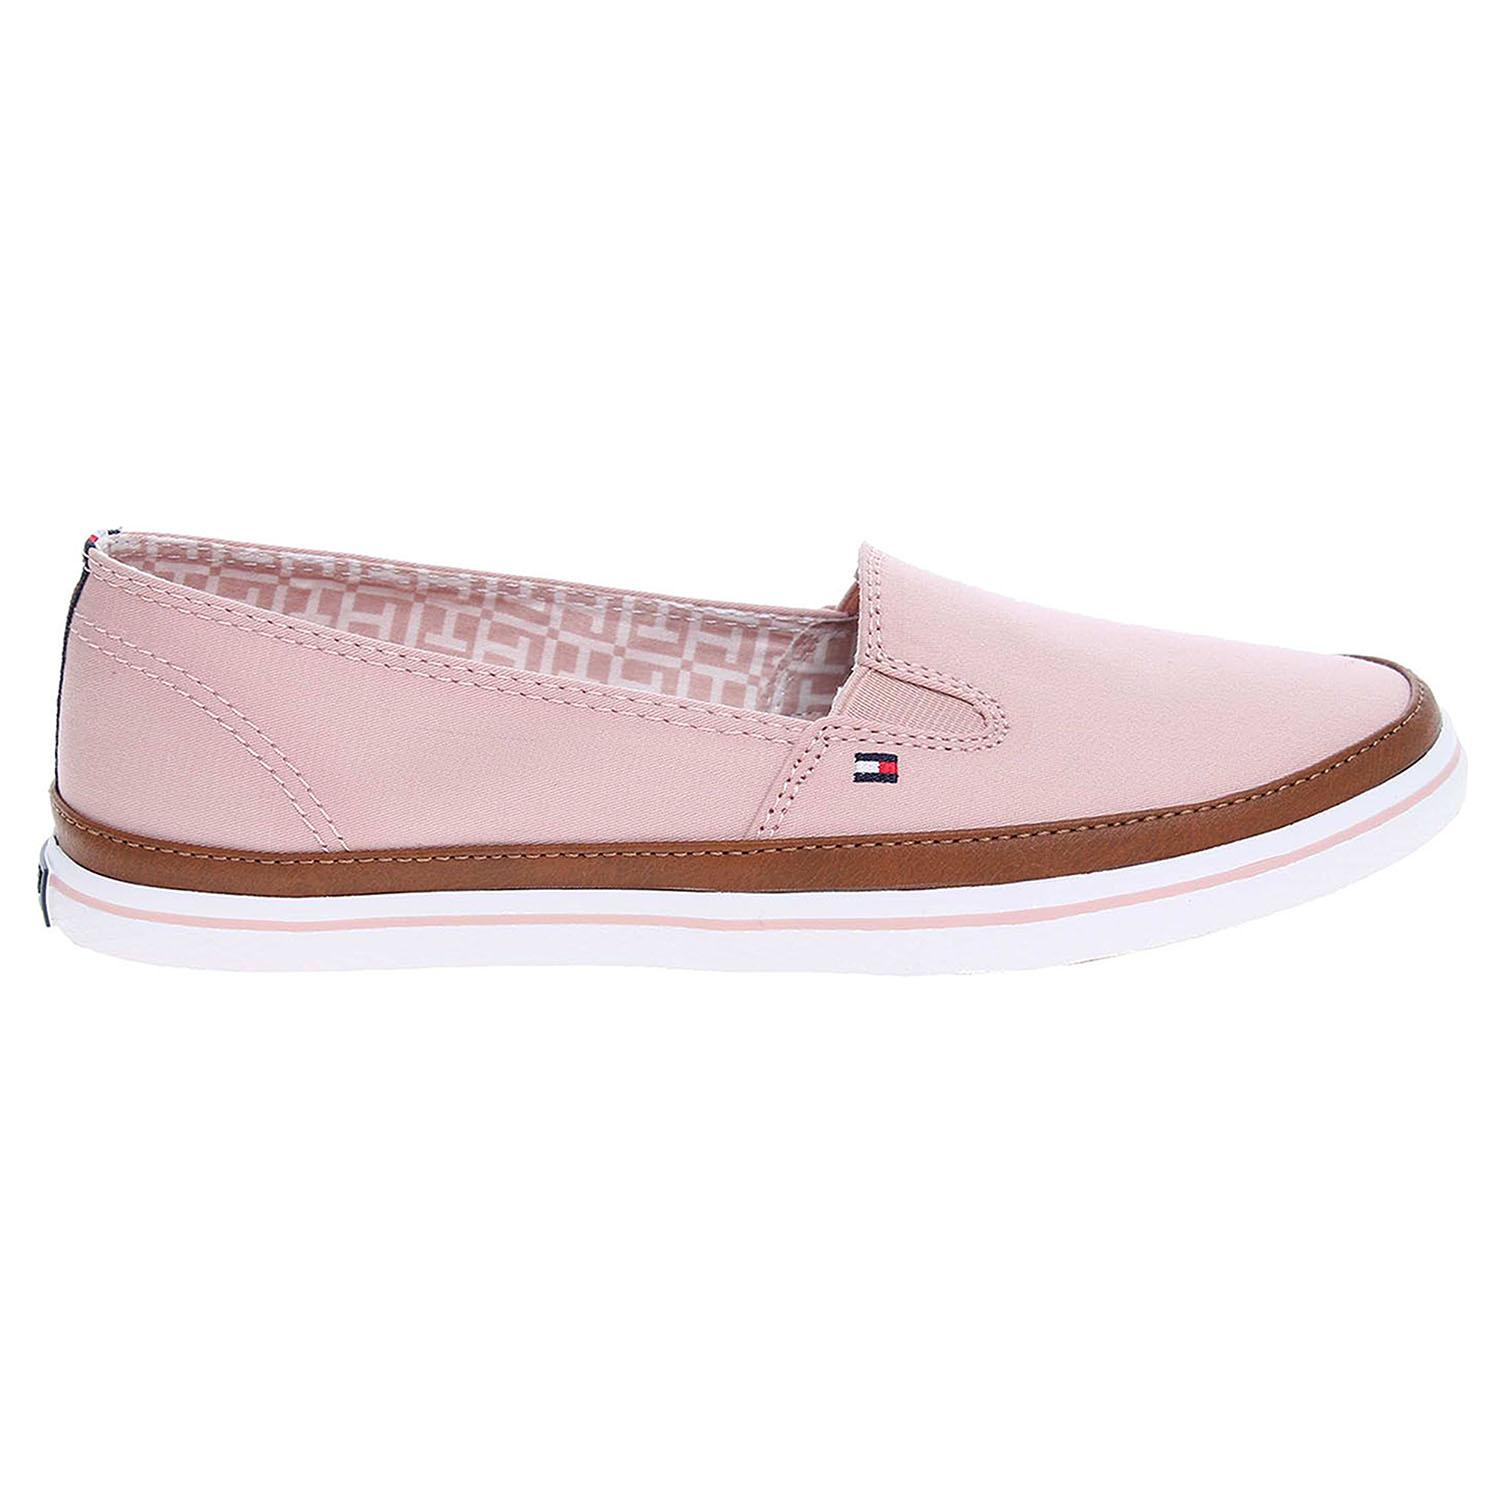 a7d22735f84 Ecco Tommy Hilfiger dámská obuv FW0FW01656 K1285ESHA 7D růžová 23200691